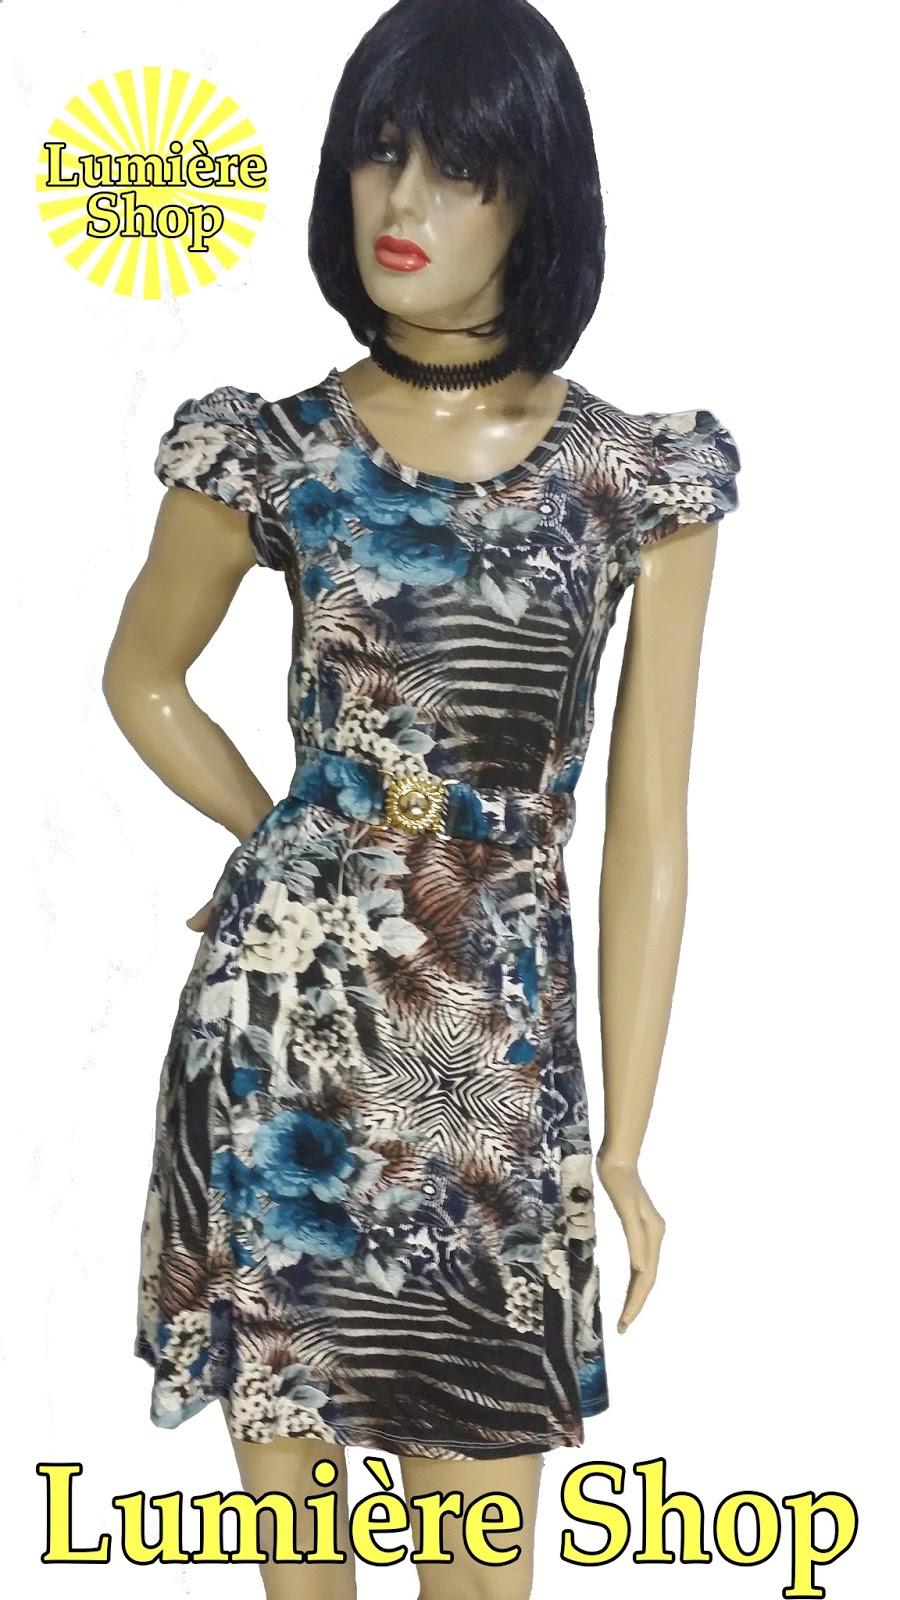 d6fef4f1f Vestido Estampado Detalhe de Mangas Drapeadas e Cinto Cravejado de Cristais  - R$ 59,90   Lumière Shop